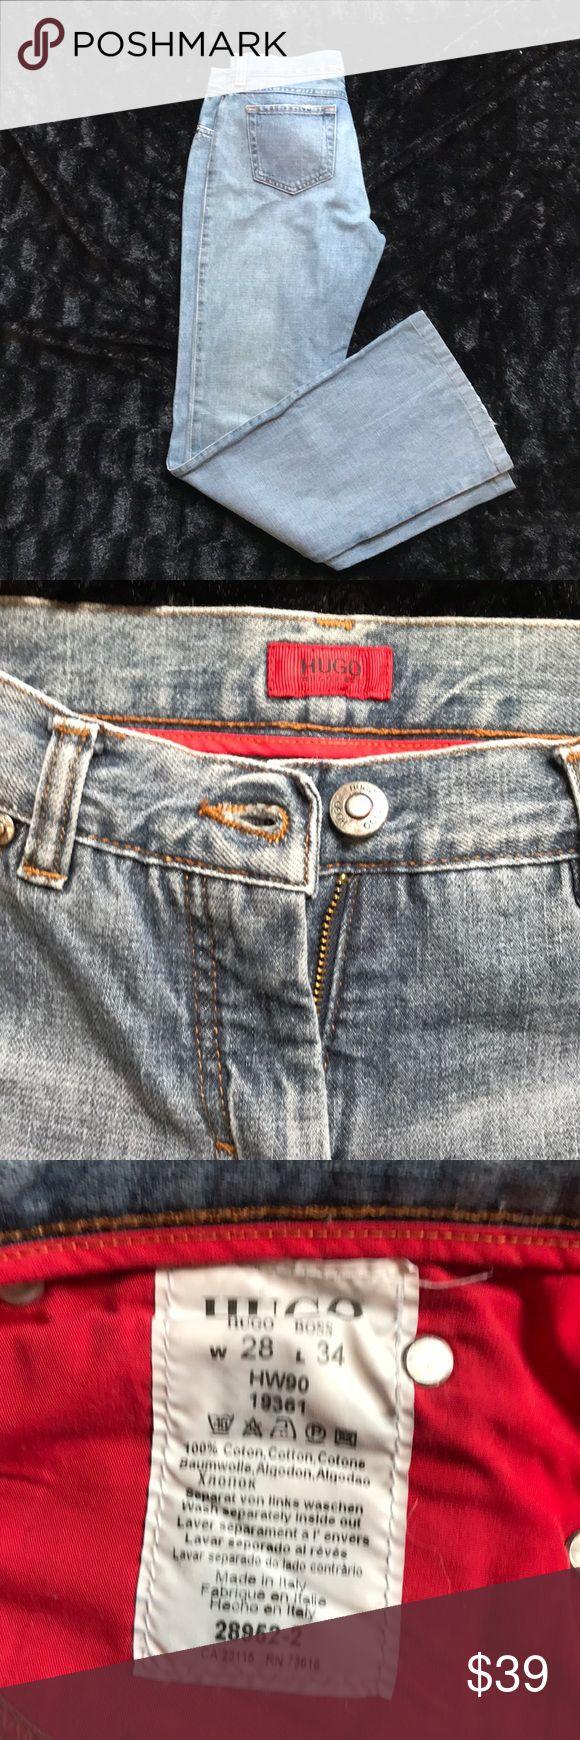 Hugo Boss Jeans . Light flare . W28 L34 Heavy denim Hugo Boss Jeans . Light flare . W28 L34. Minor damage on the bottom of the leg as shown in picture. Hugo Boss Jeans Flare & Wide Leg